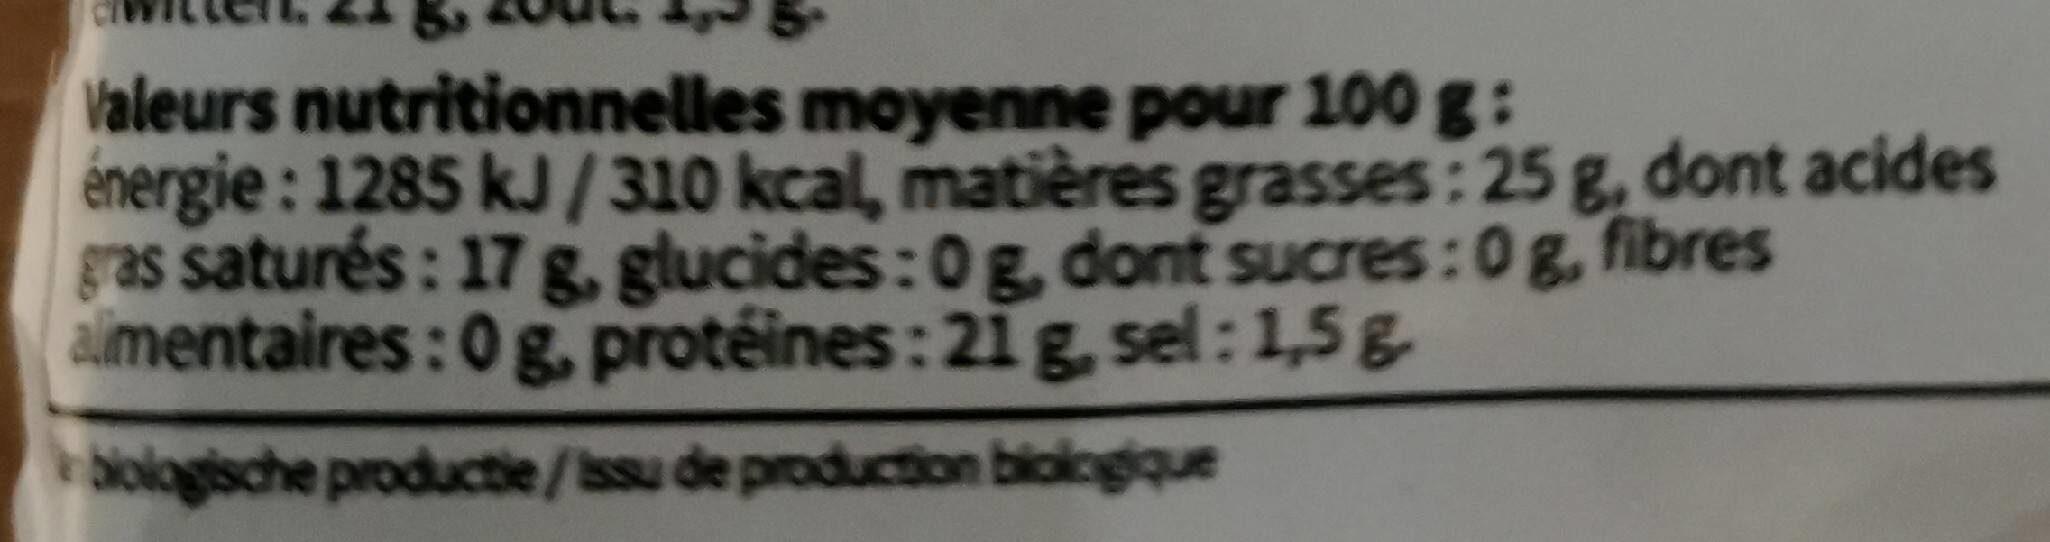 Le doré bio - Informations nutritionnelles - fr